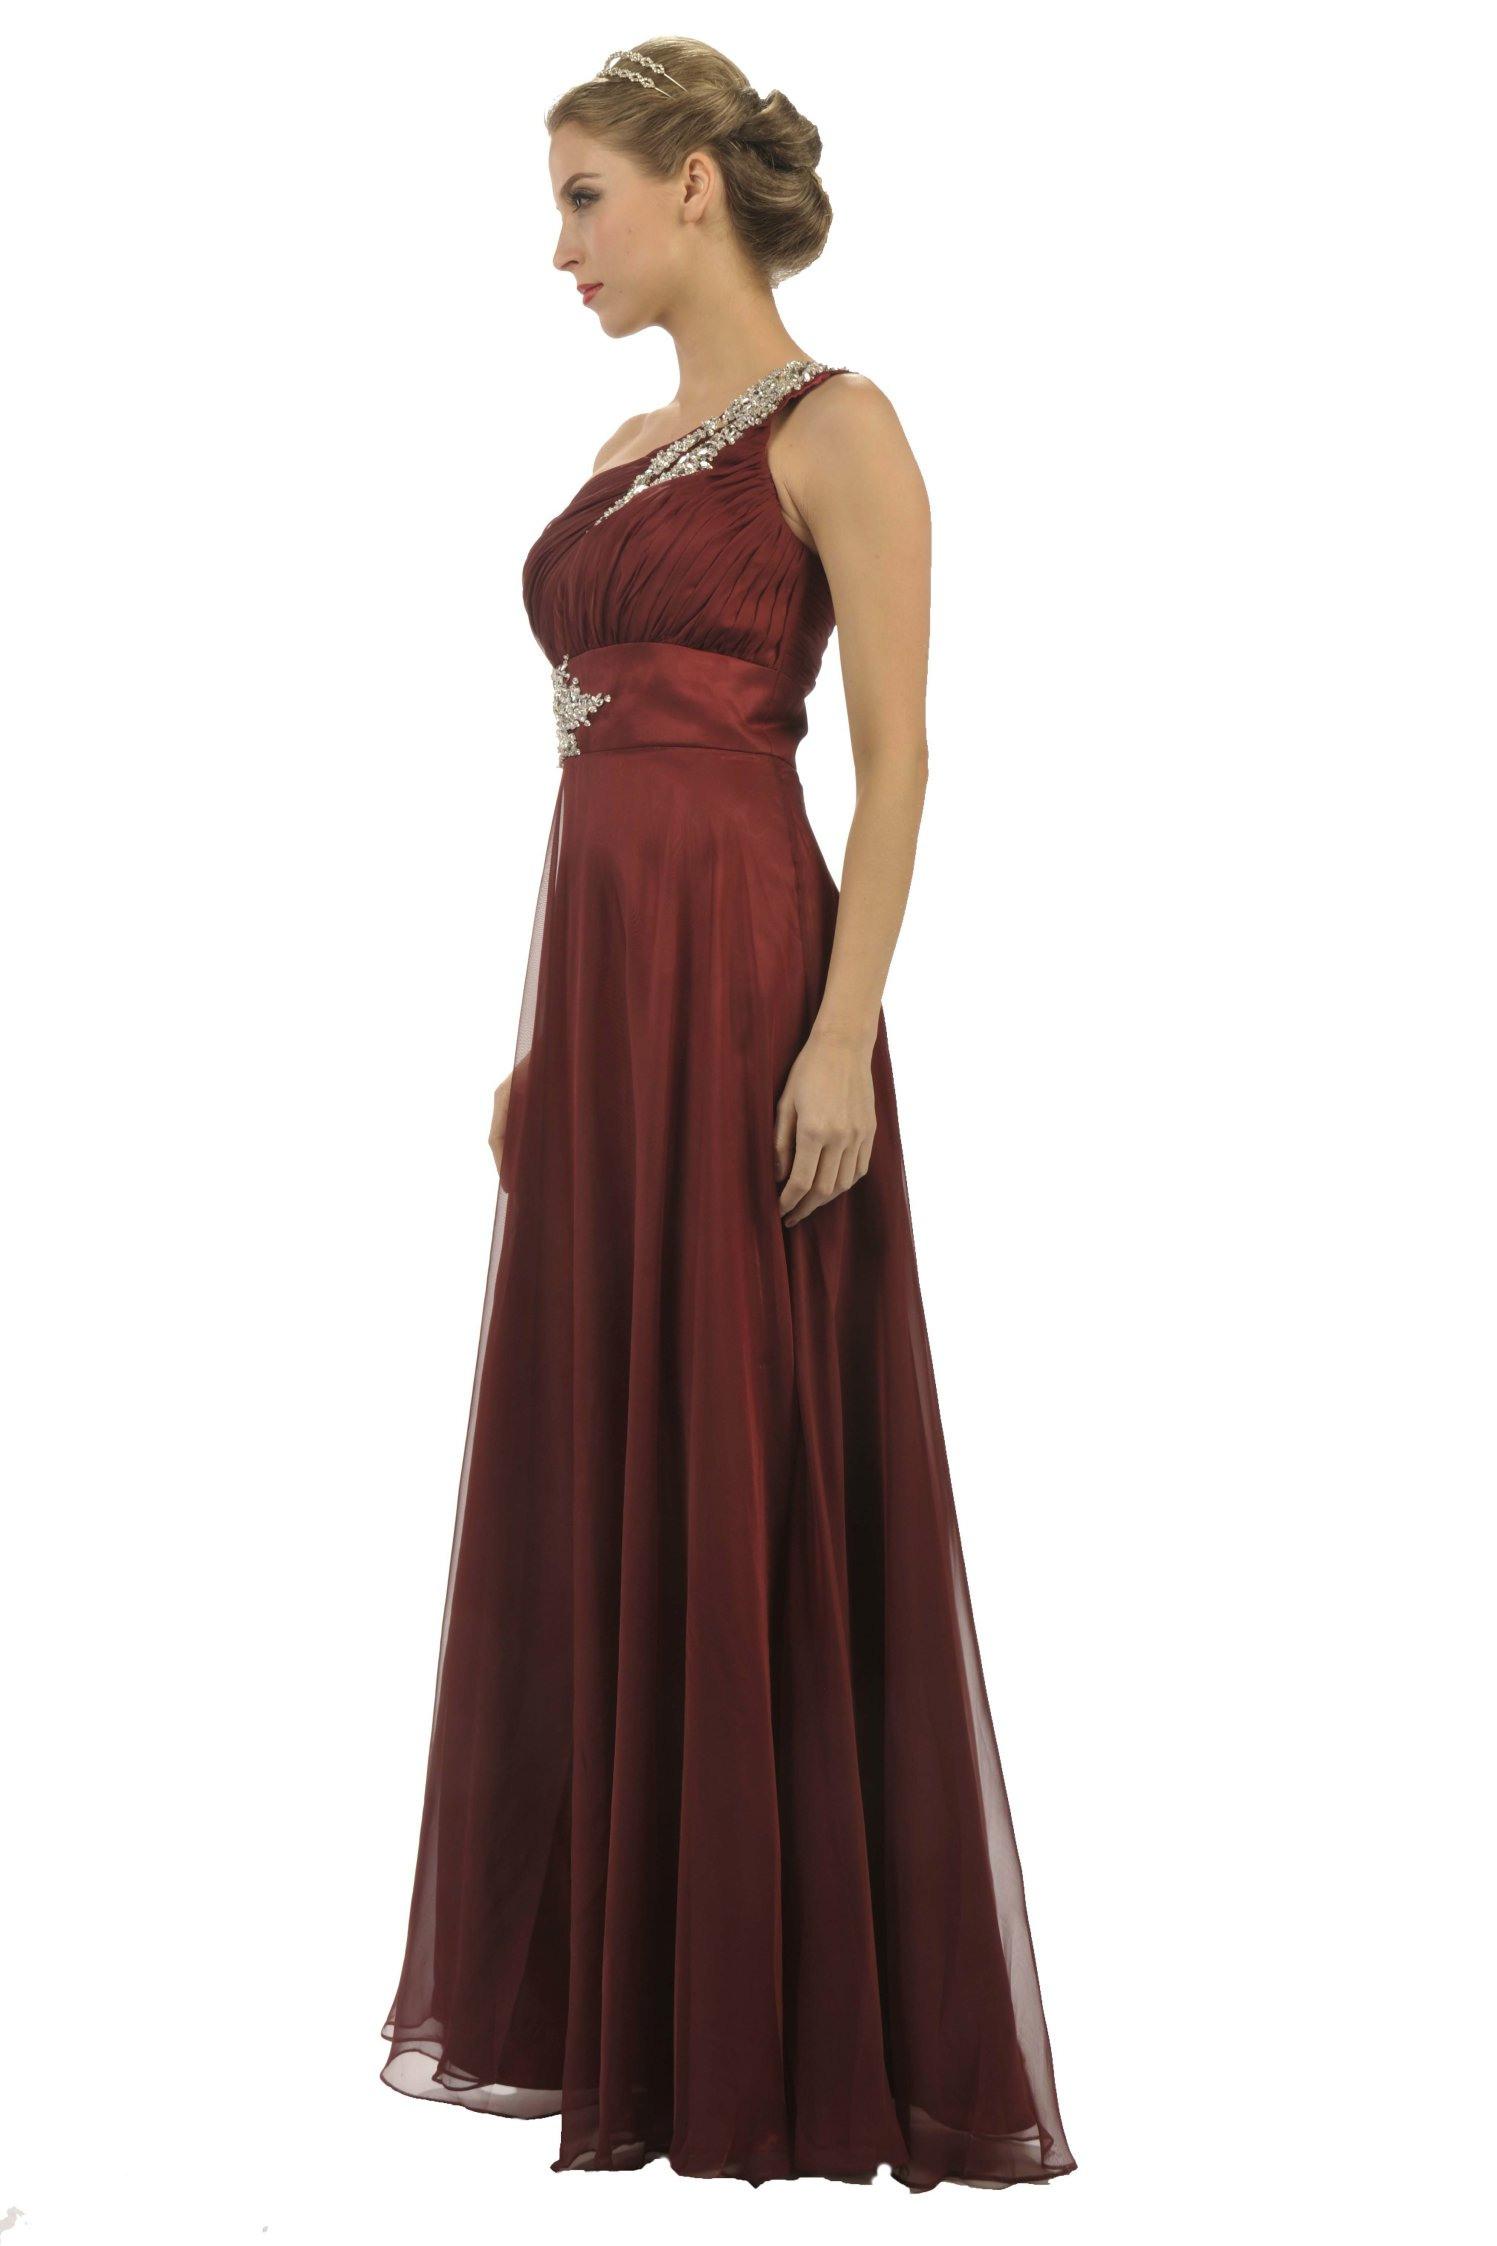 15 Genial Abendkleider Unter 100 Euro Stylish15 Perfekt Abendkleider Unter 100 Euro Bester Preis